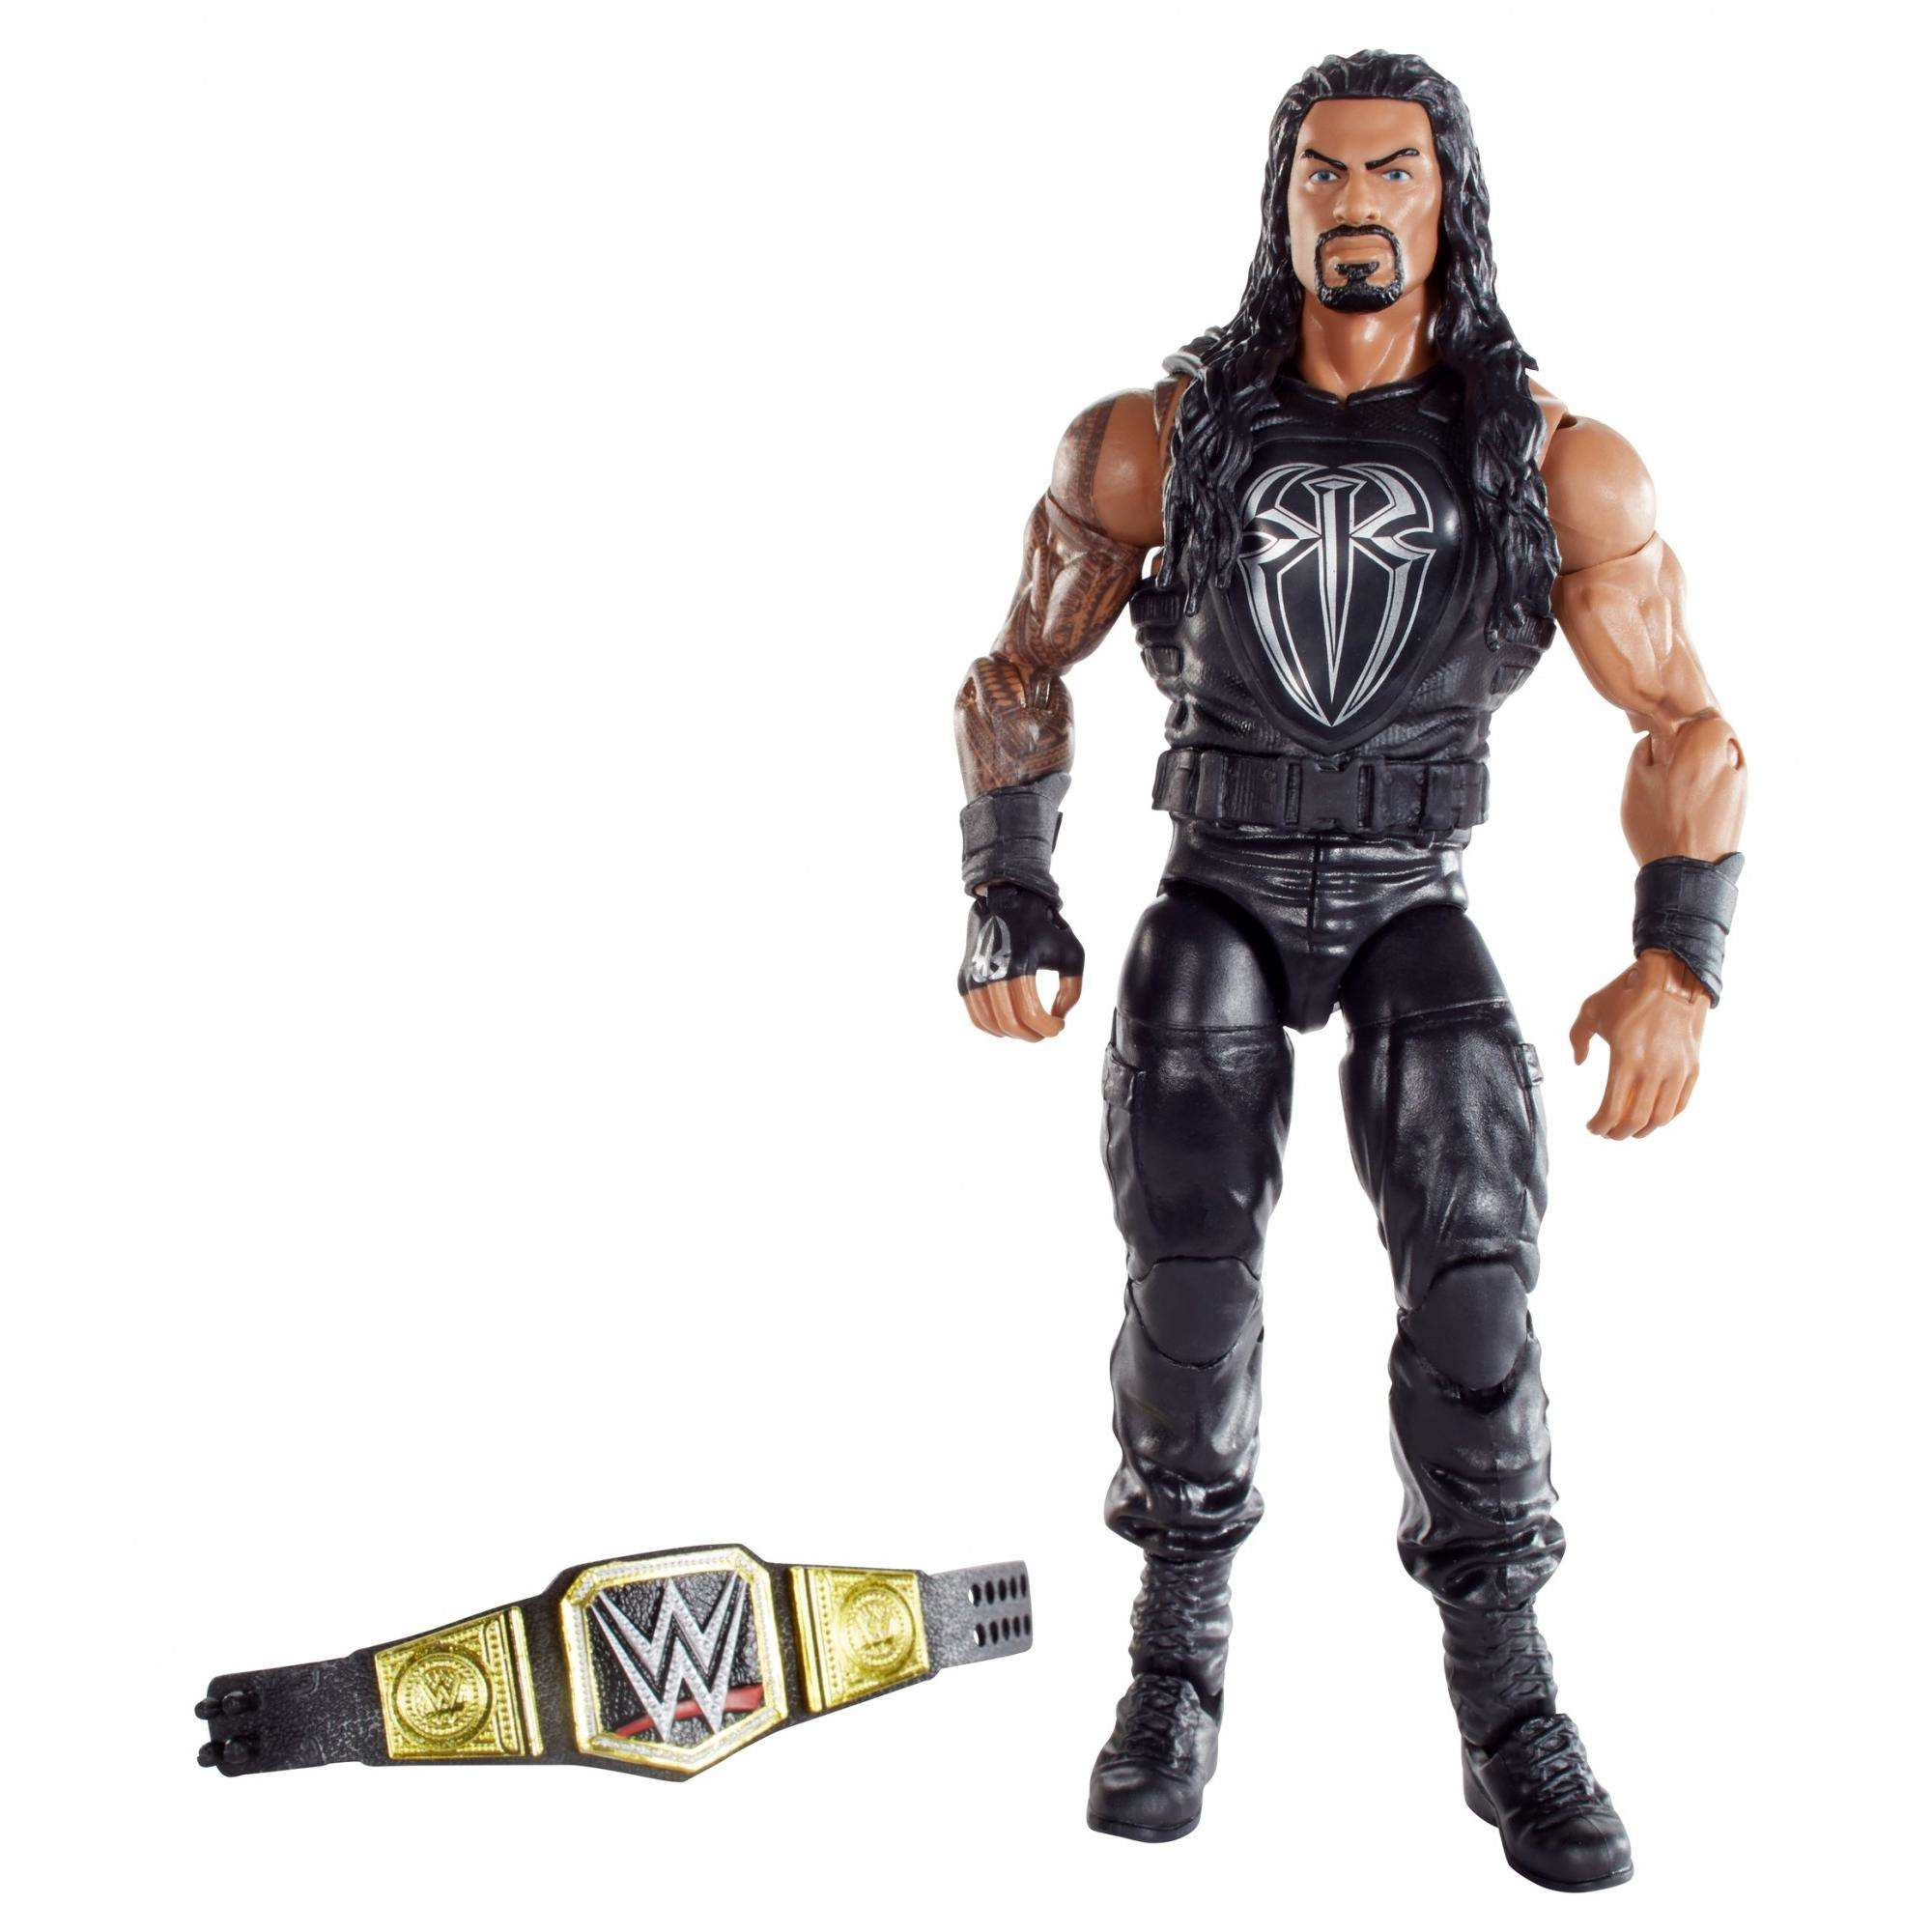 WWE Elite Roman Reigns Figure by Mattel